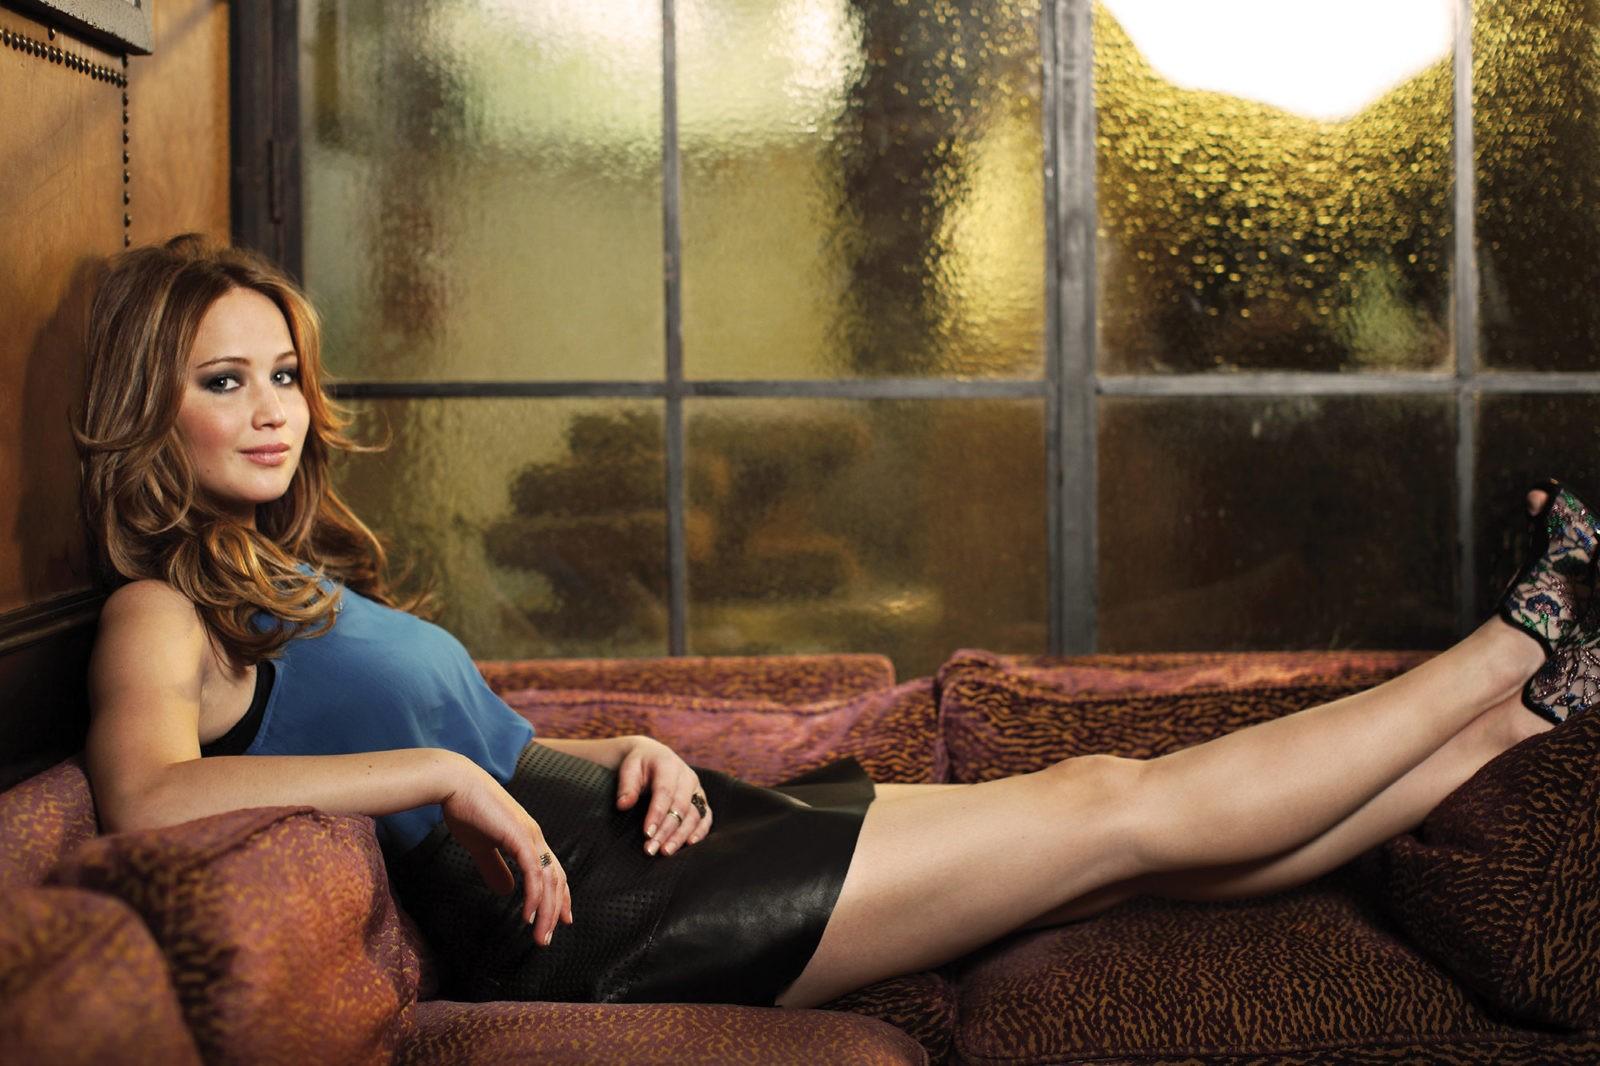 Дженнифер Лоуренс получила травму на съемках фильма «Не смотри вверх»